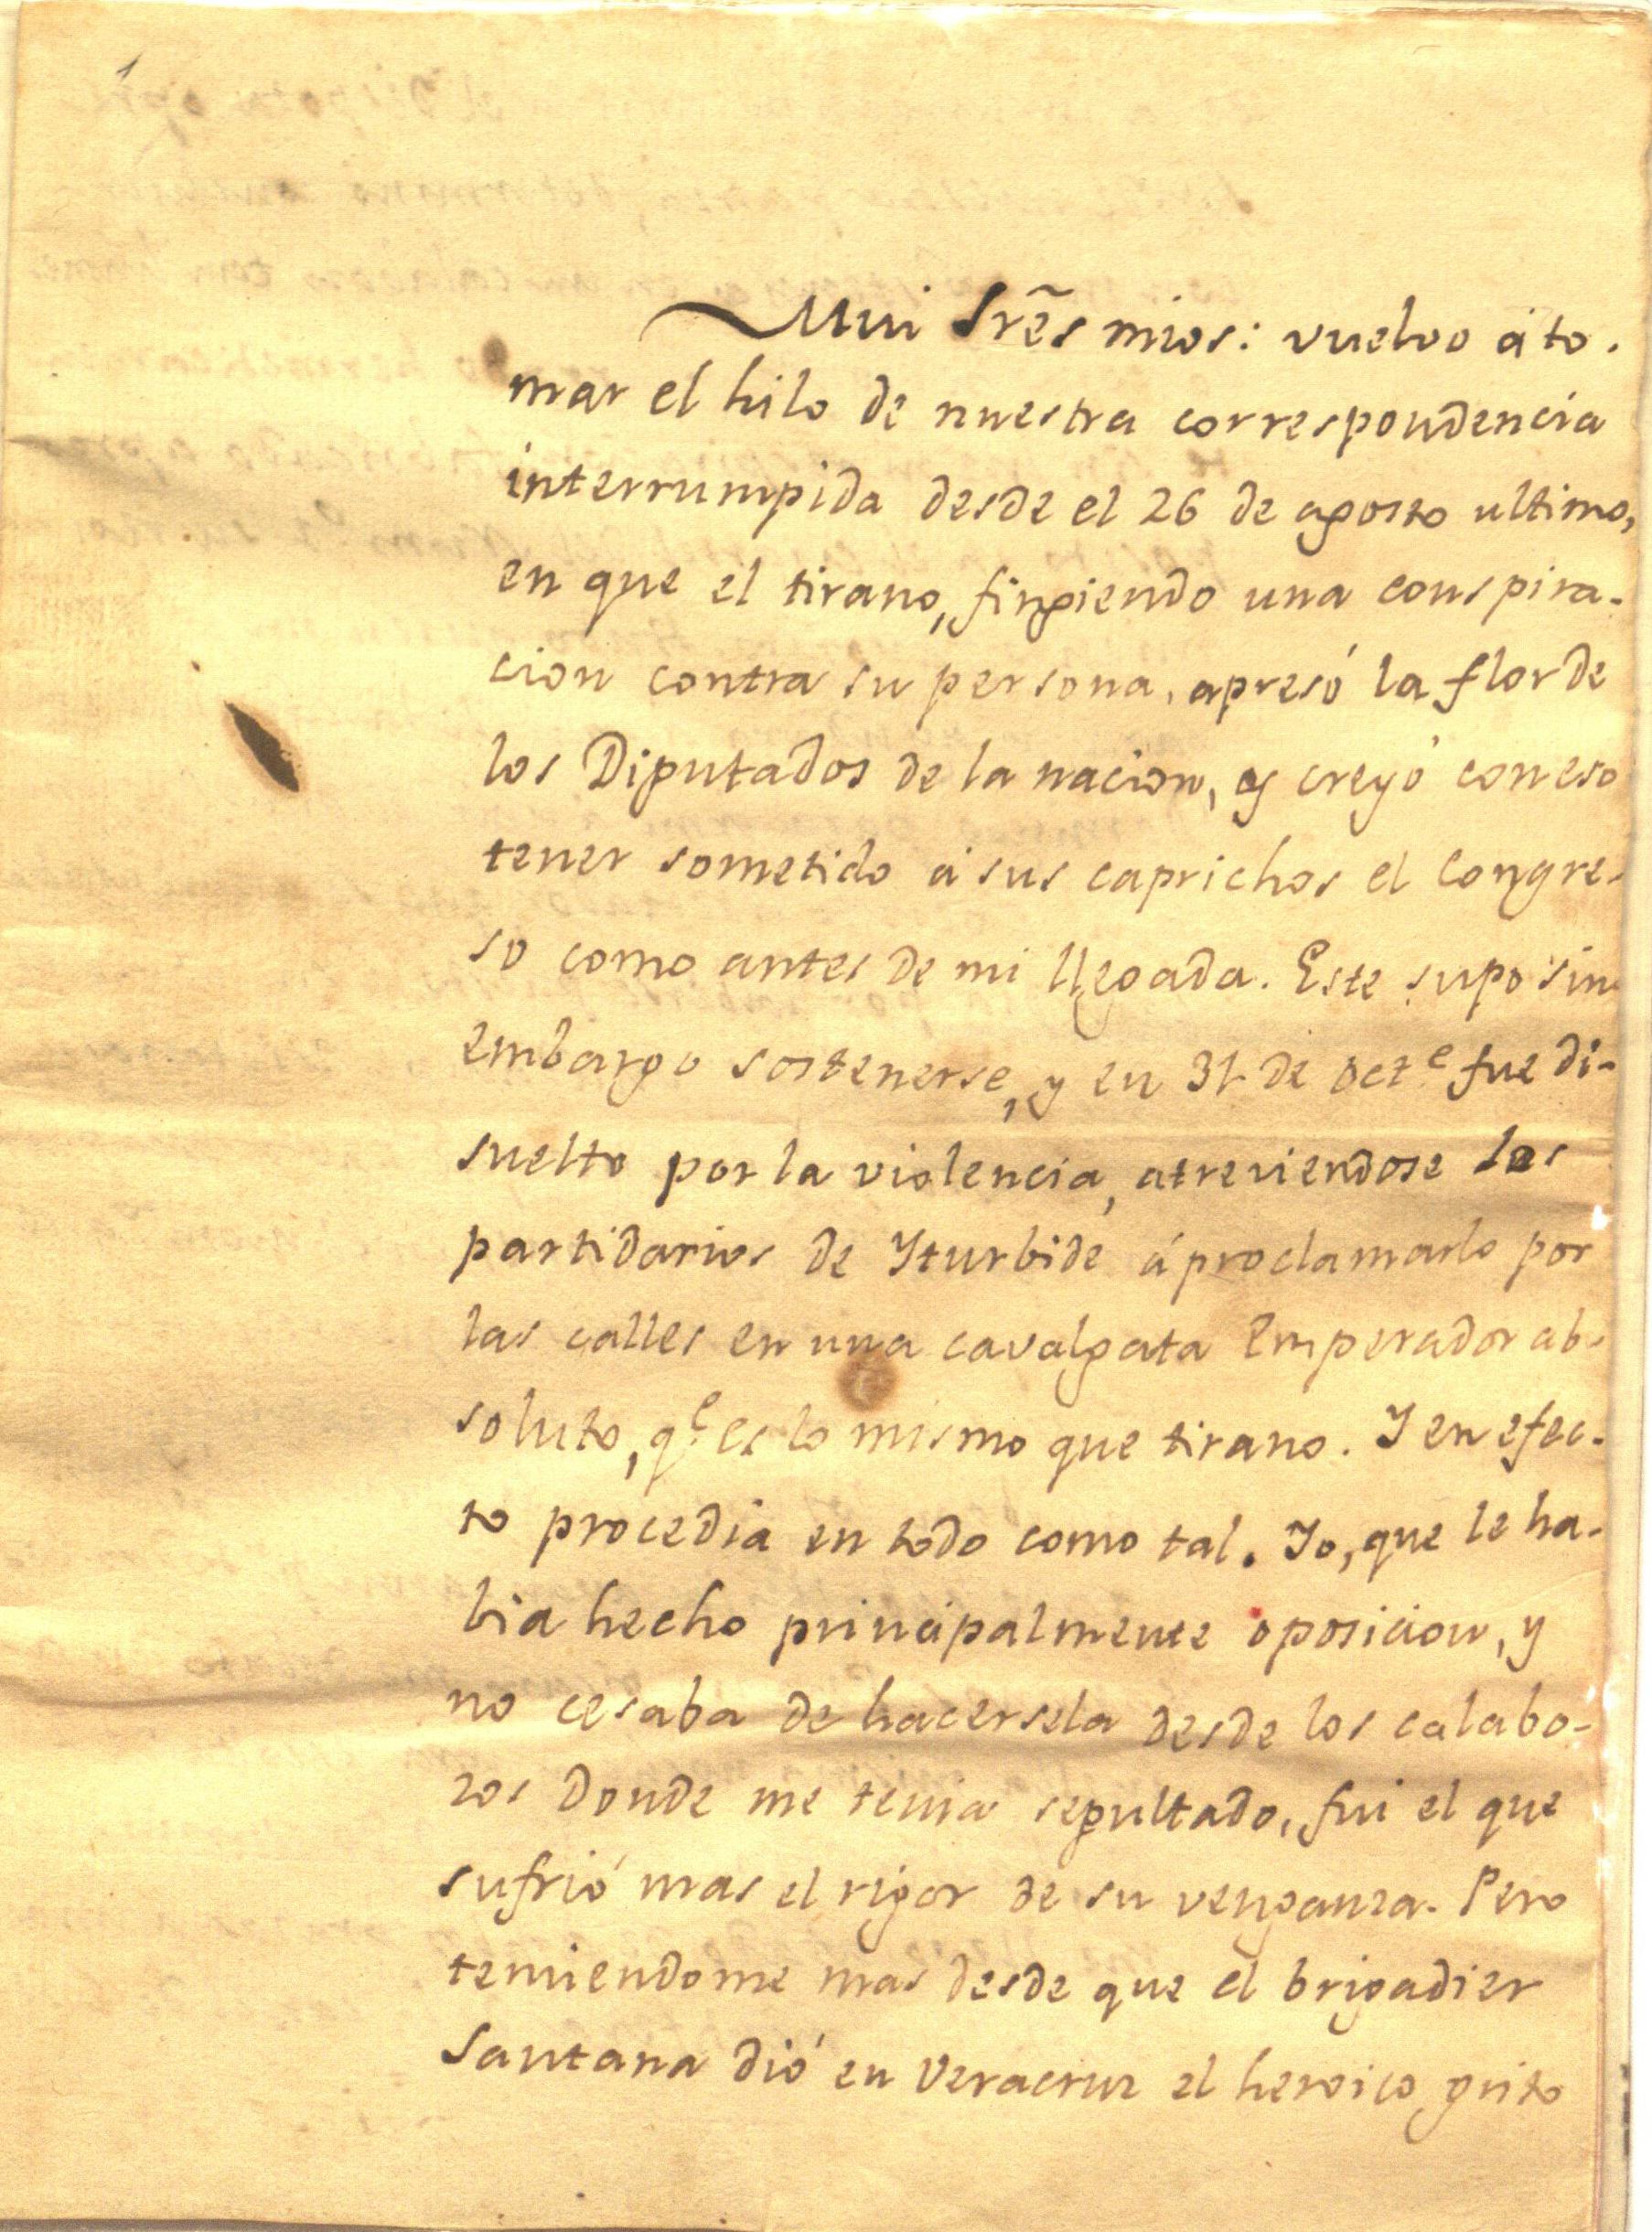 Carta del Padre Mier informando sobre la disolución del Congreso Nacional por Iturbide en 1822 y su encarcelamiento por órdenes del Emperador. 02.